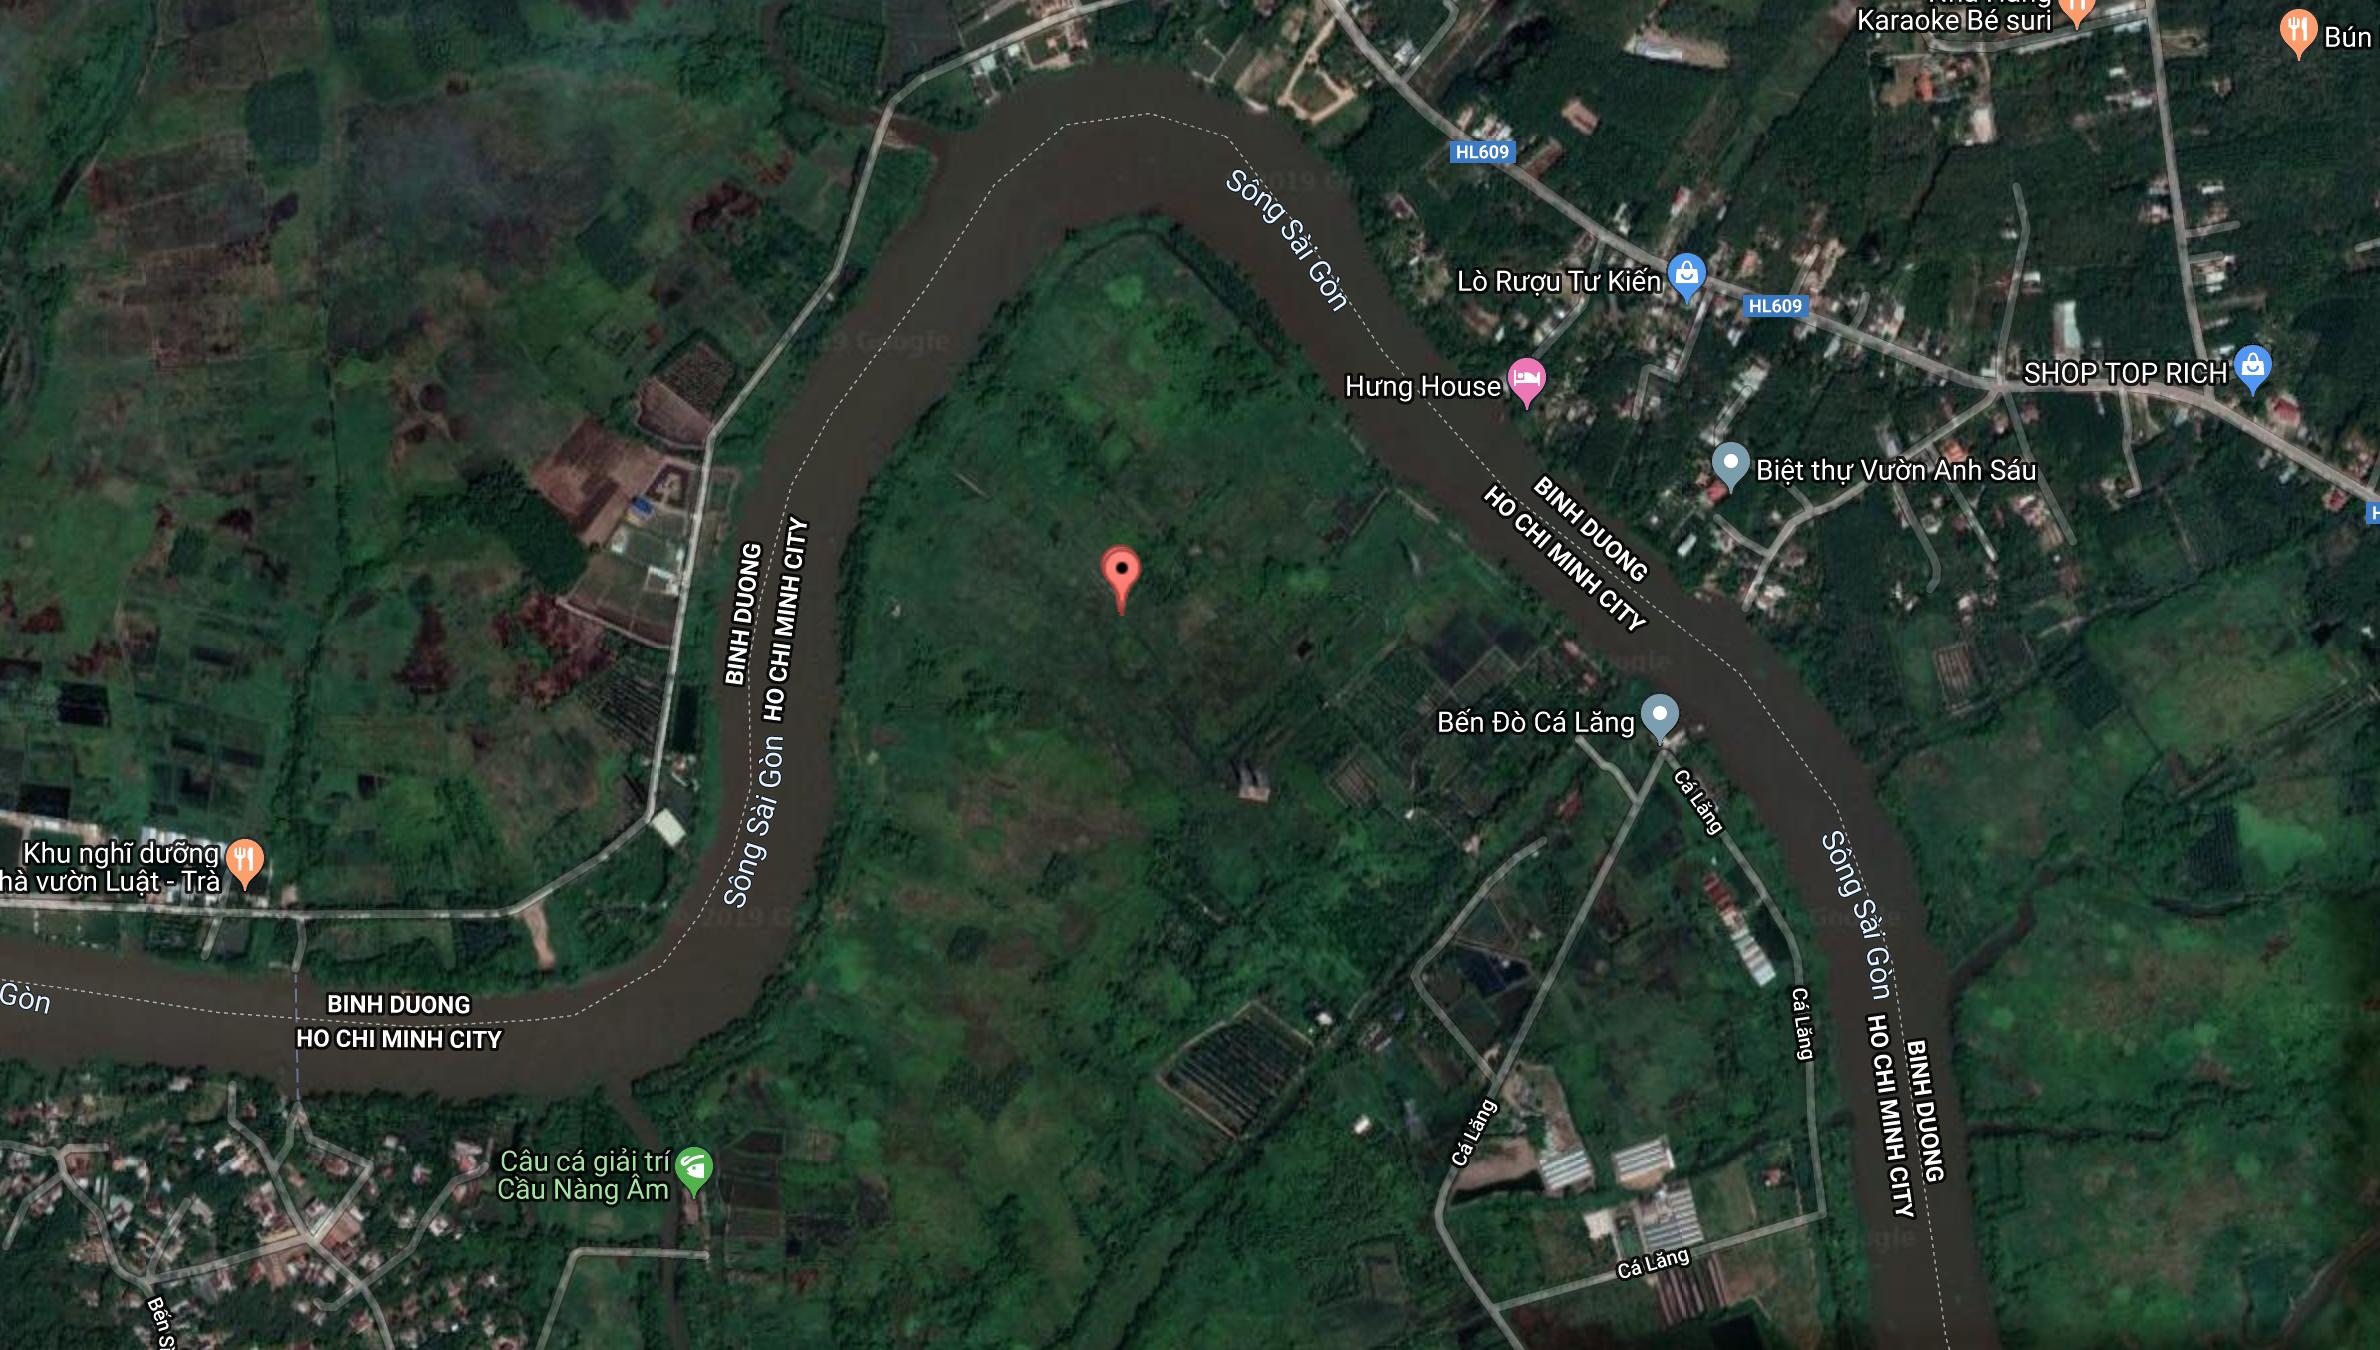 Dự án Khu du lịch sinh thái – nghỉ dưỡng 93ha tại xã Phú Hoà Đông, huyện Củ Chi, Tp.HCM